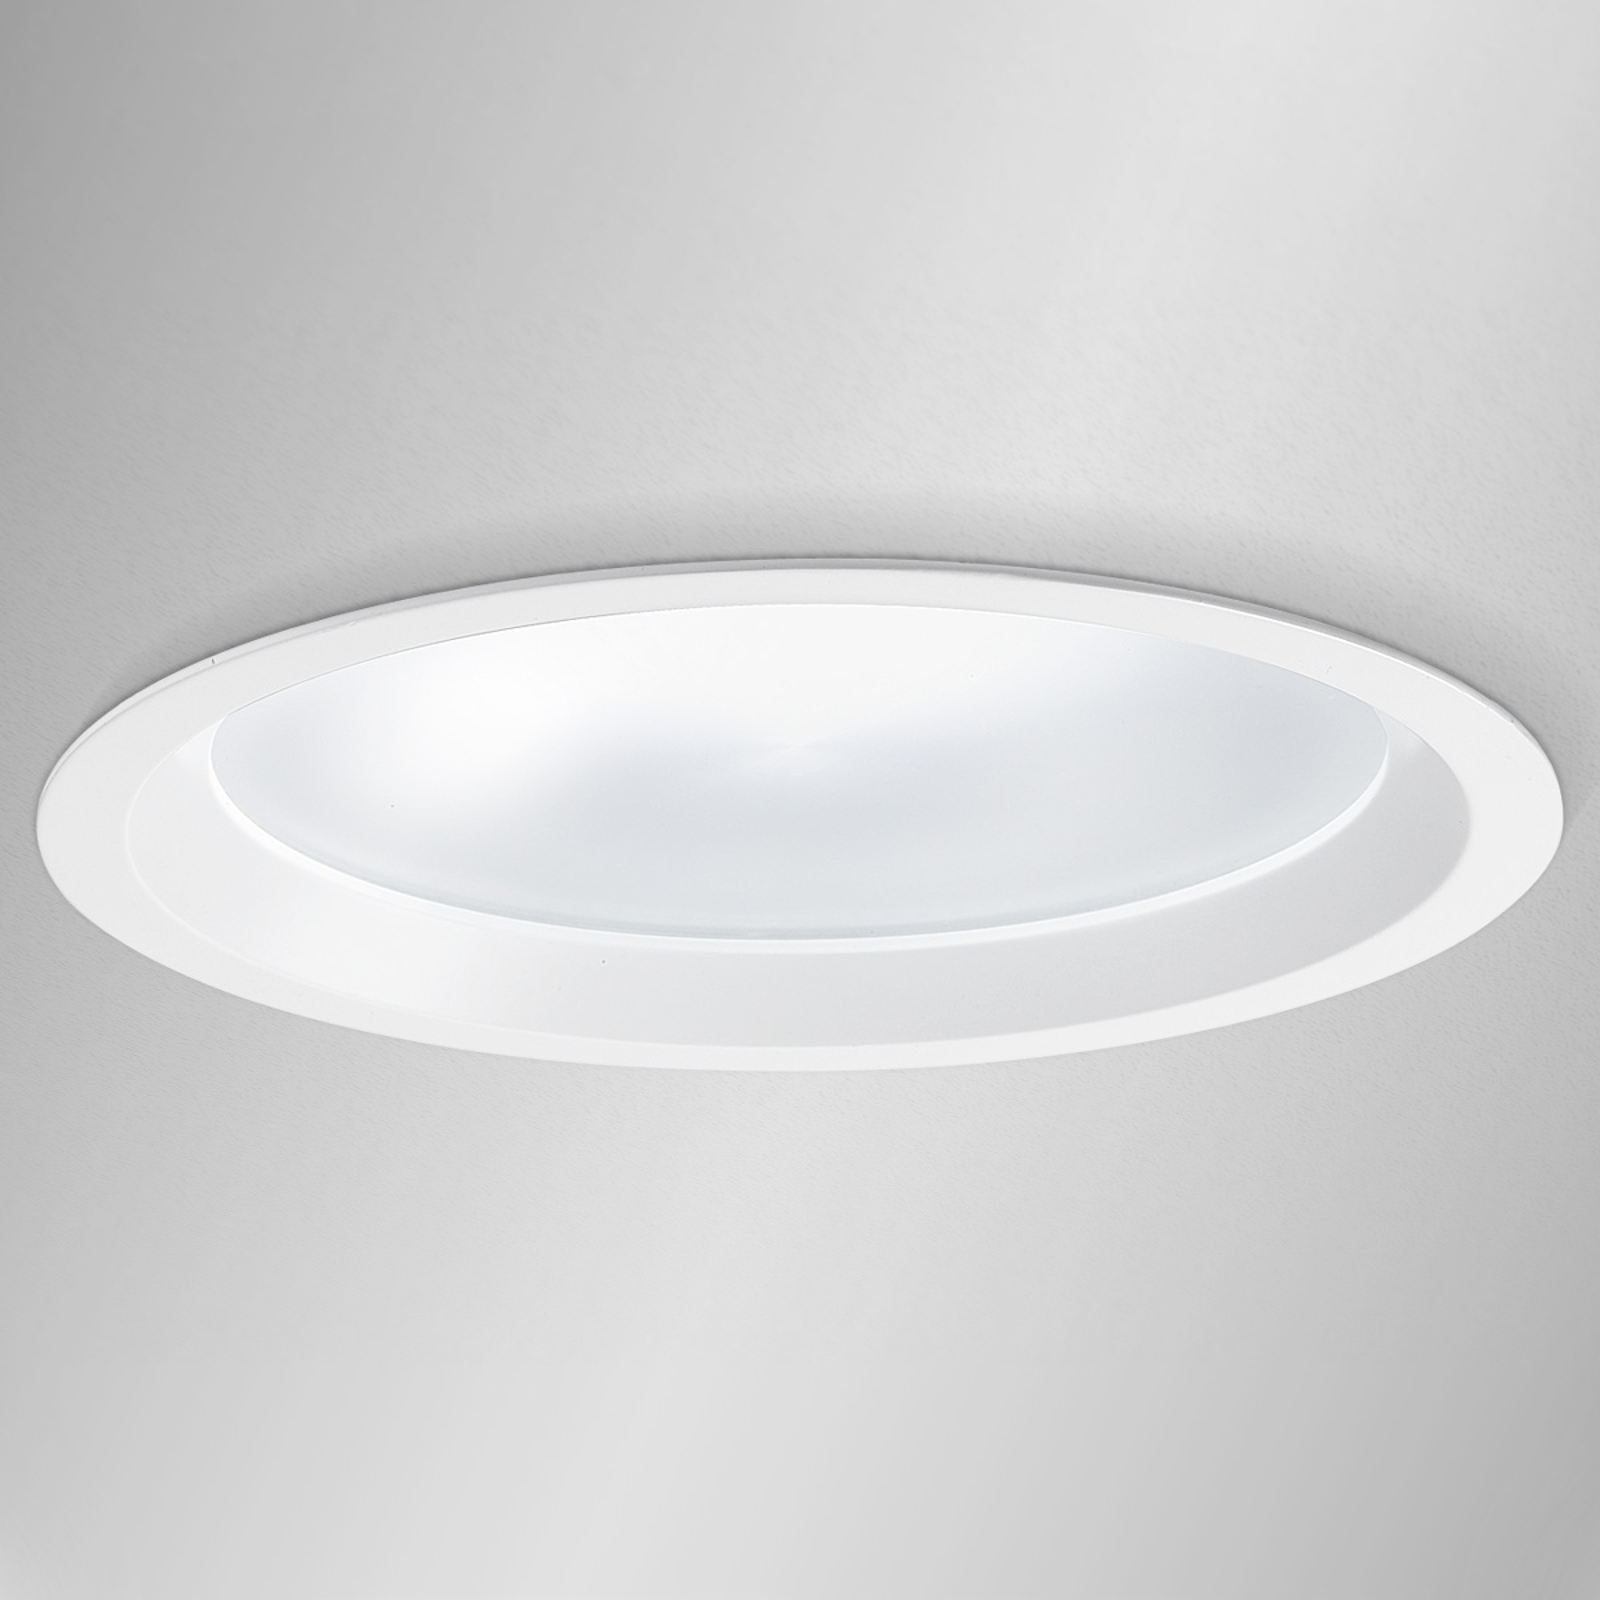 23 cm diameter - LED-downlight Strato 230